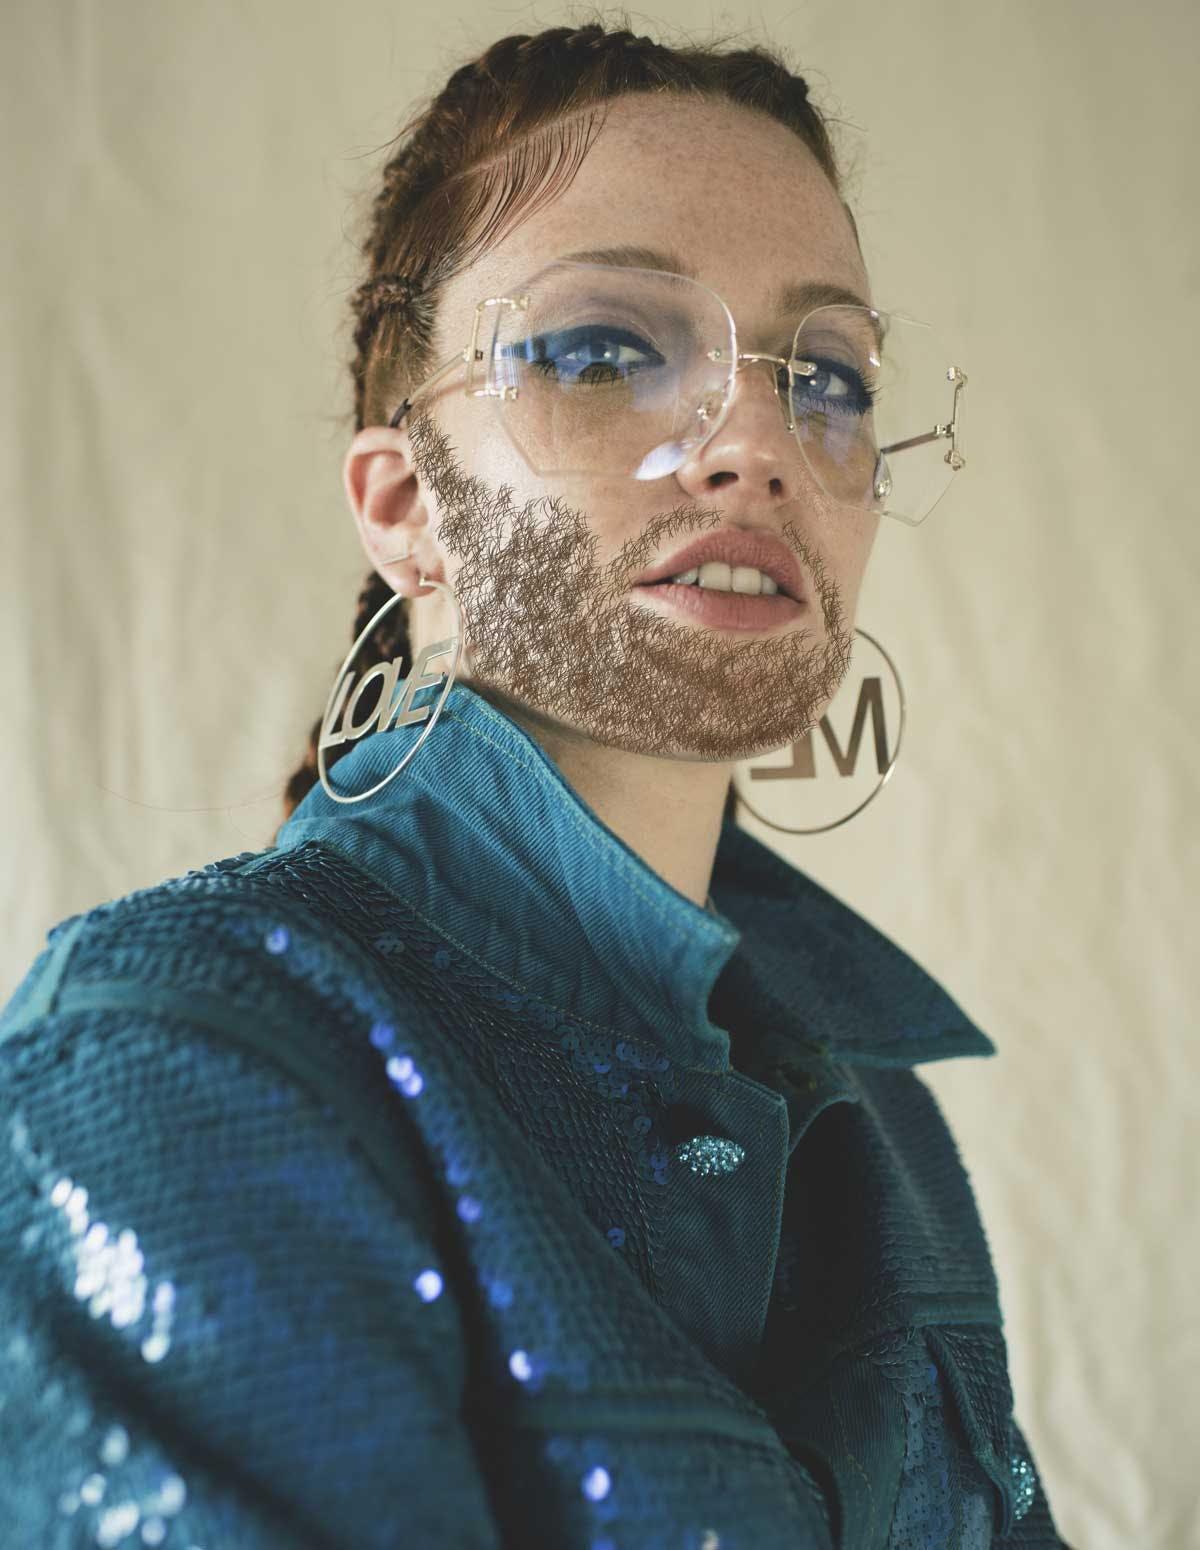 Jess Glynne with a beard